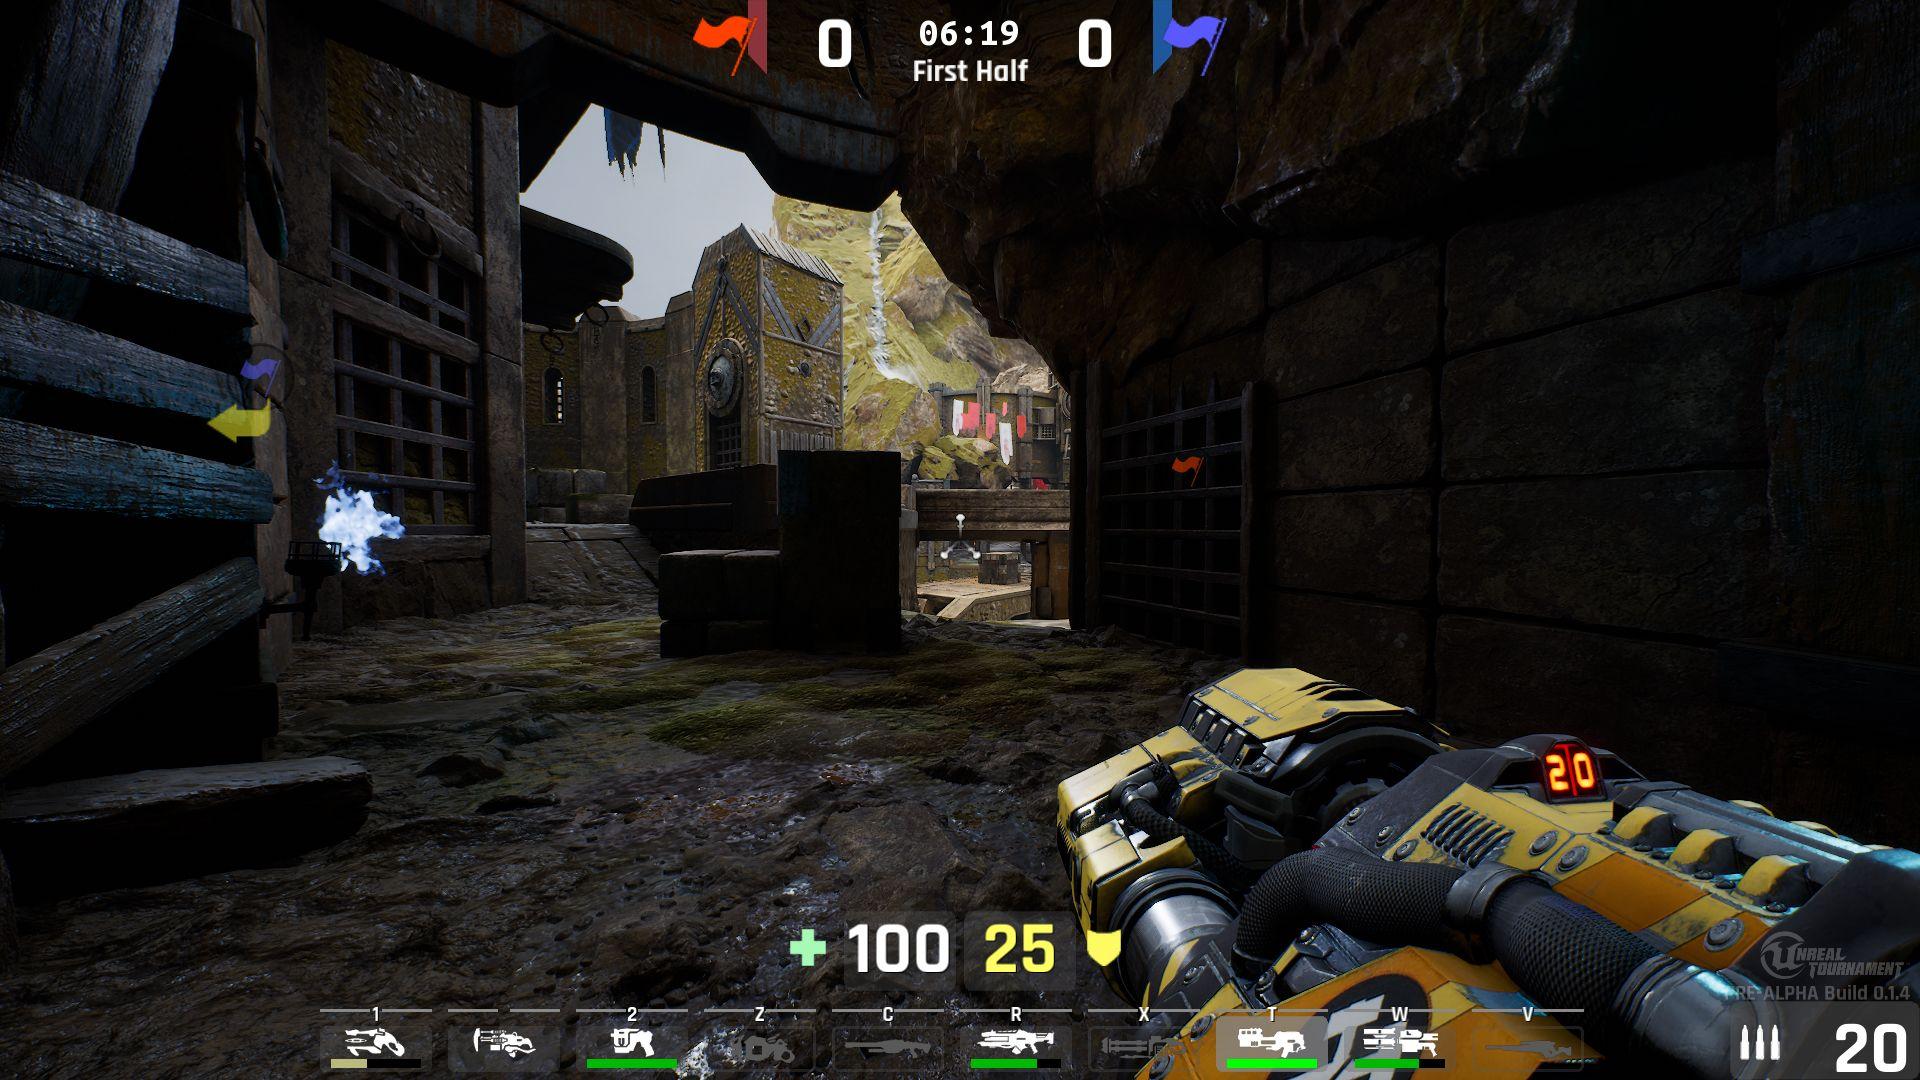 UT flak cannon Unreal tournament, Tournaments, Coloring